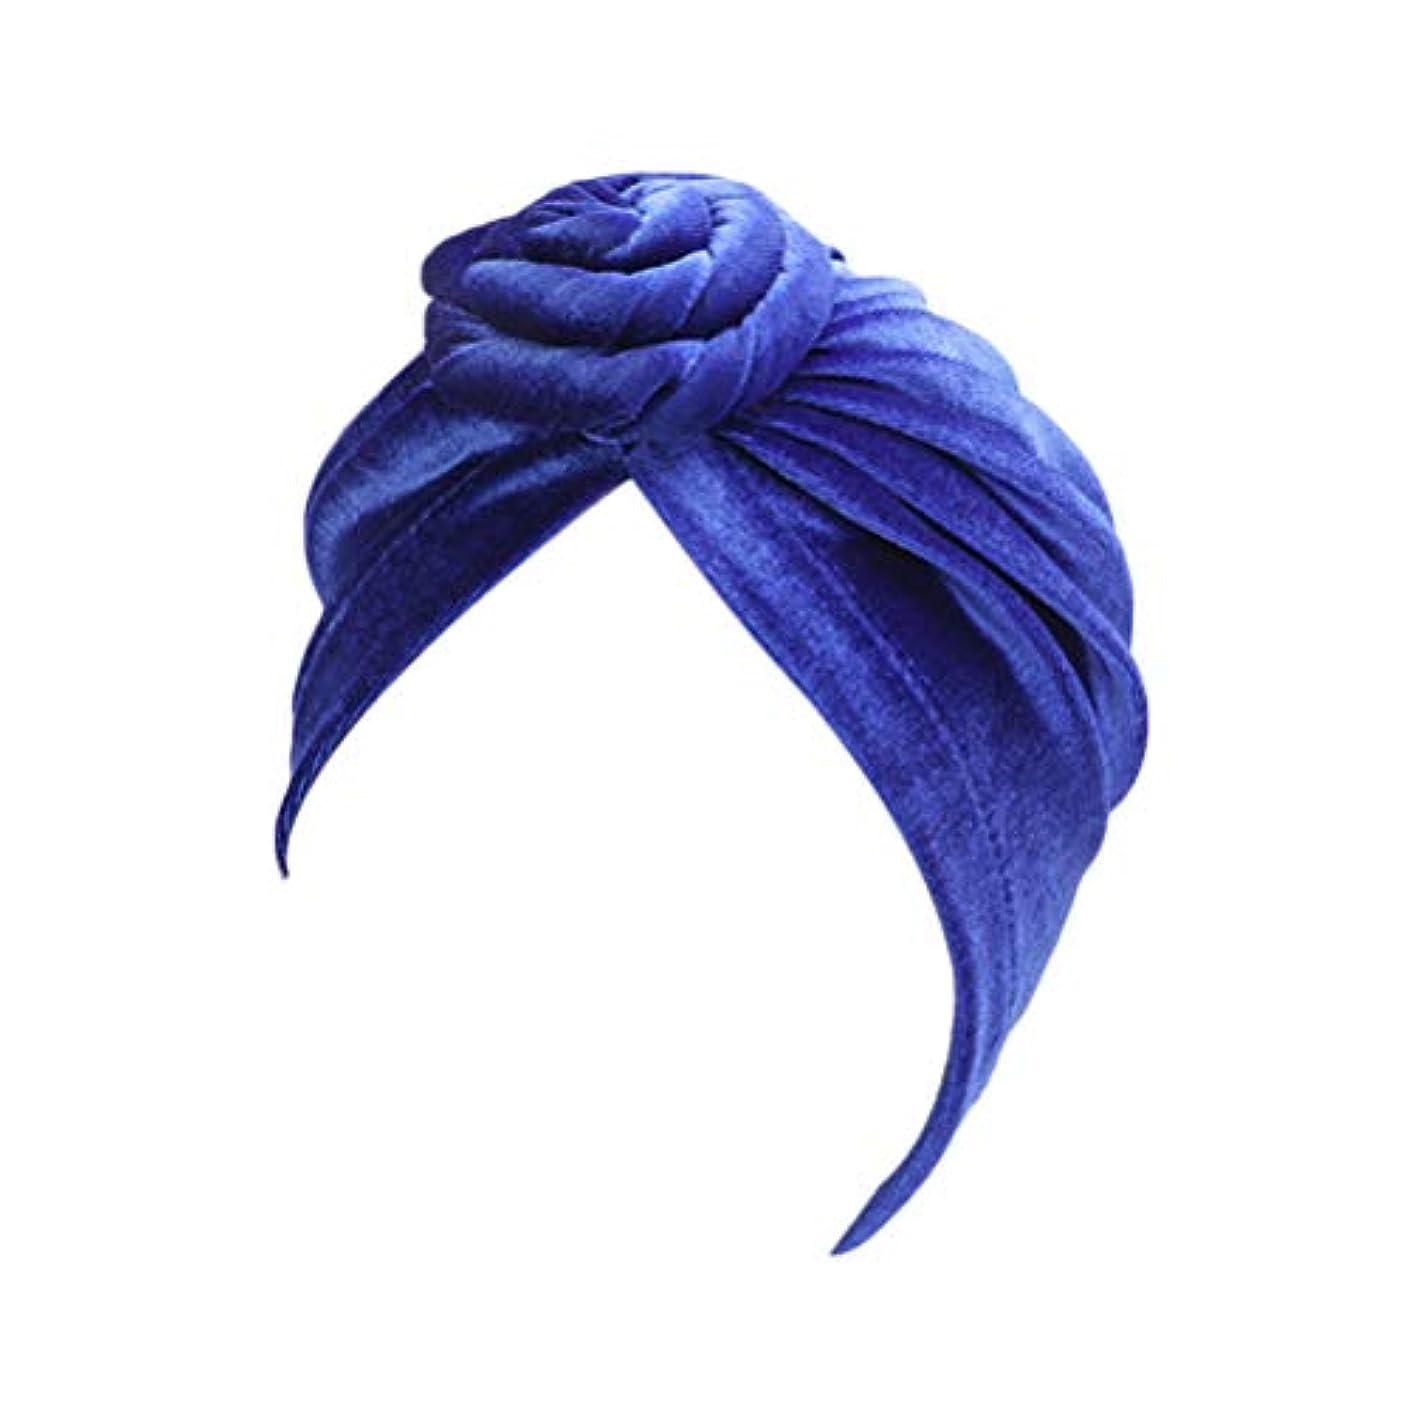 レイアコンテストウールHealifty 睡眠ナイトキャップ花装飾ワイドバンドボンネットナイトヘッドカバーソフトヘアターバン女性用ヘアビューティーケアキャップ(ブルー)